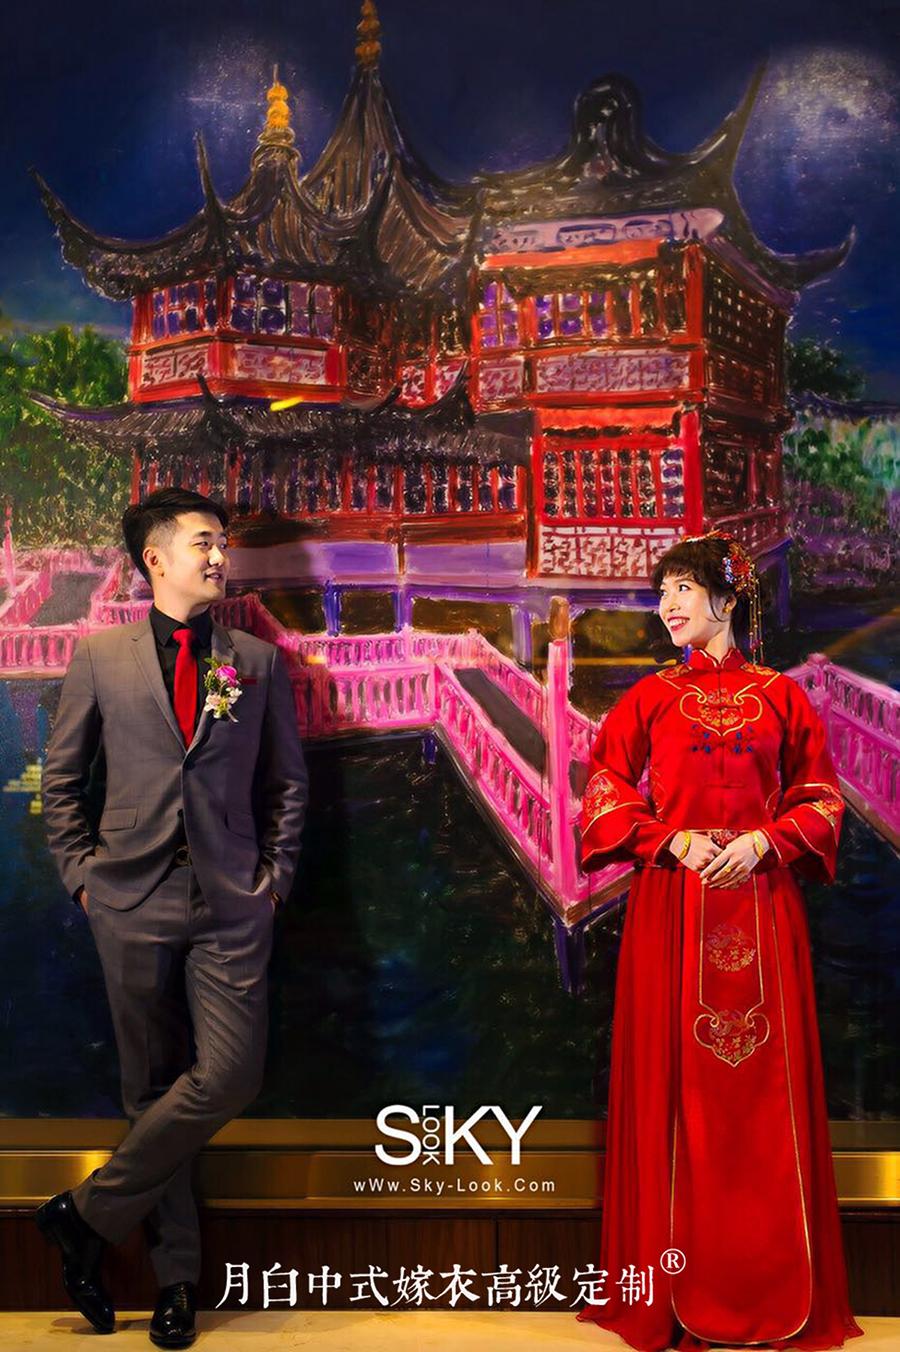 中式吉服/喜服:祥瑞如意·羽鸾